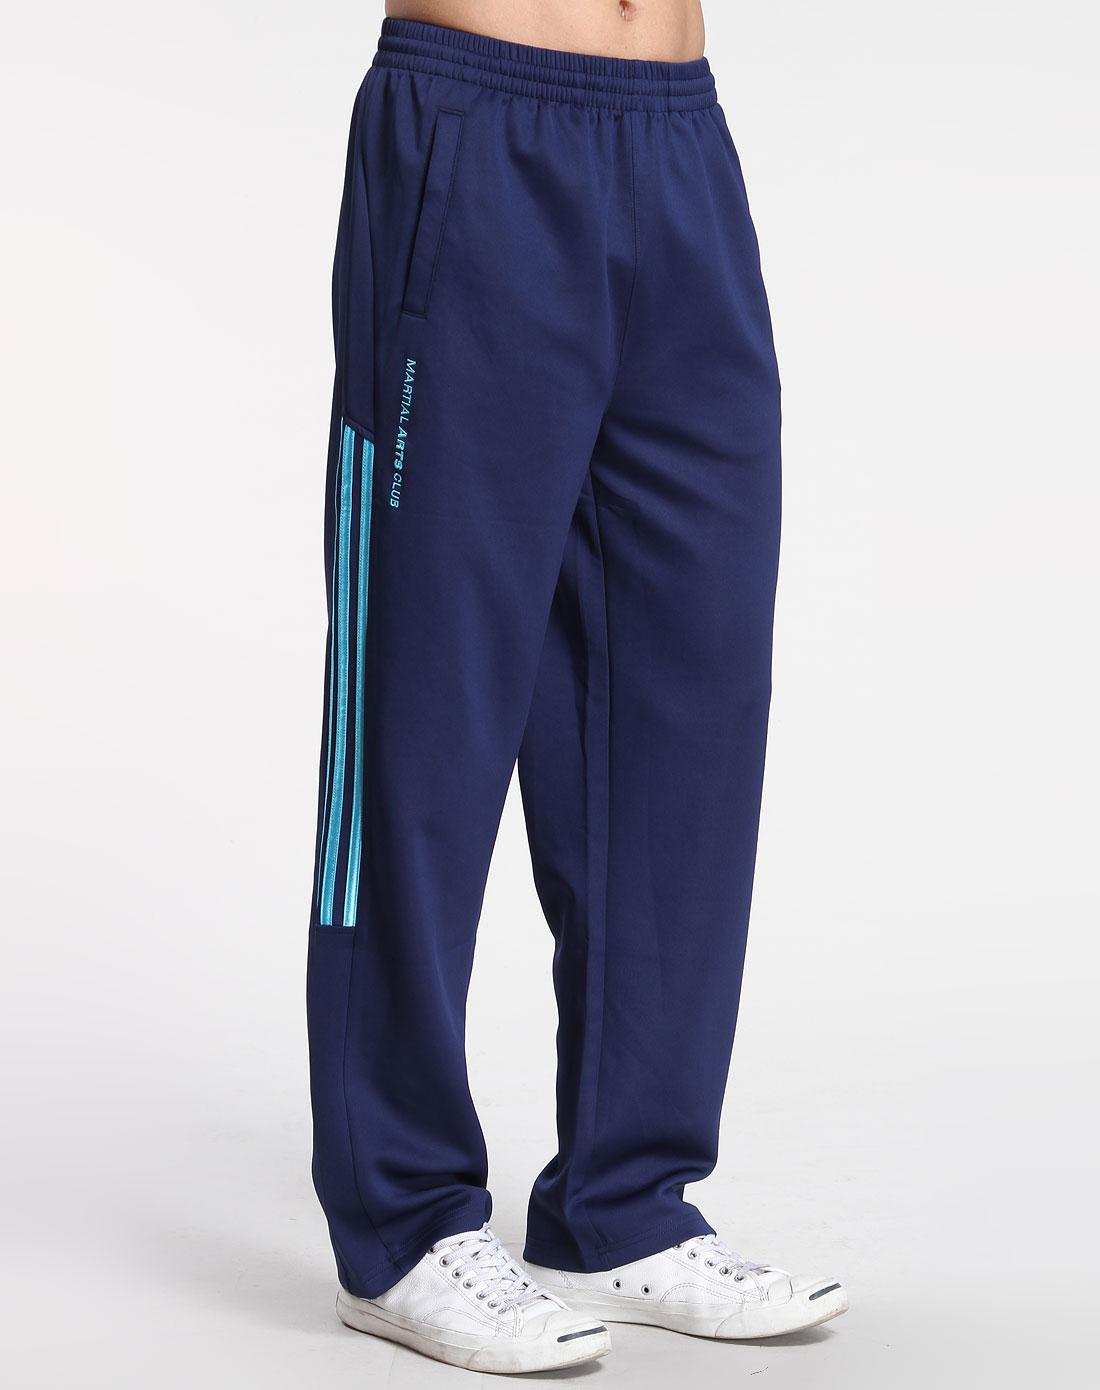 男款深蓝/浅蓝色时尚弹性运动长裤